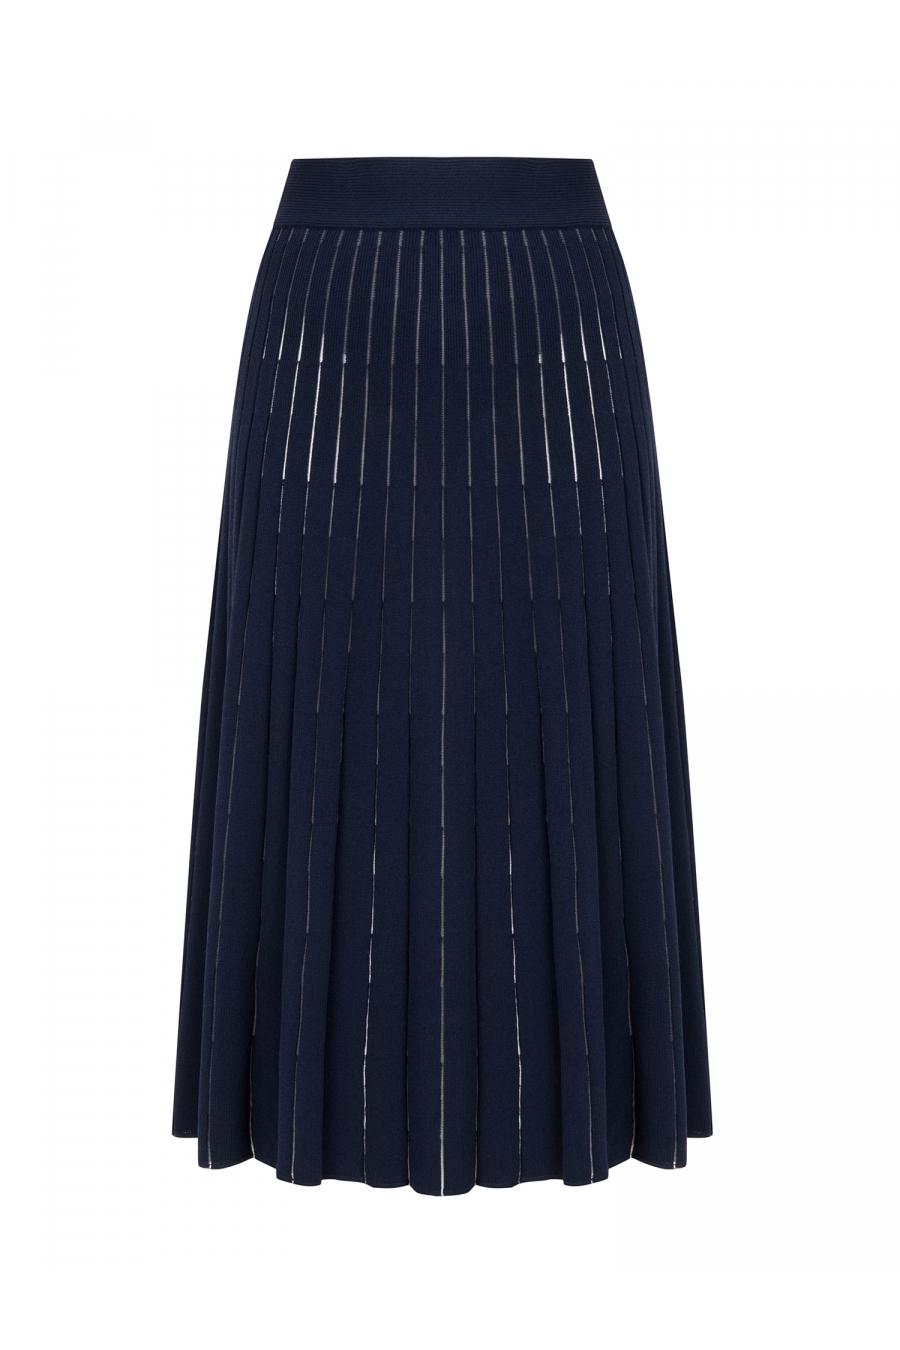 Cellophane Skirt Navy